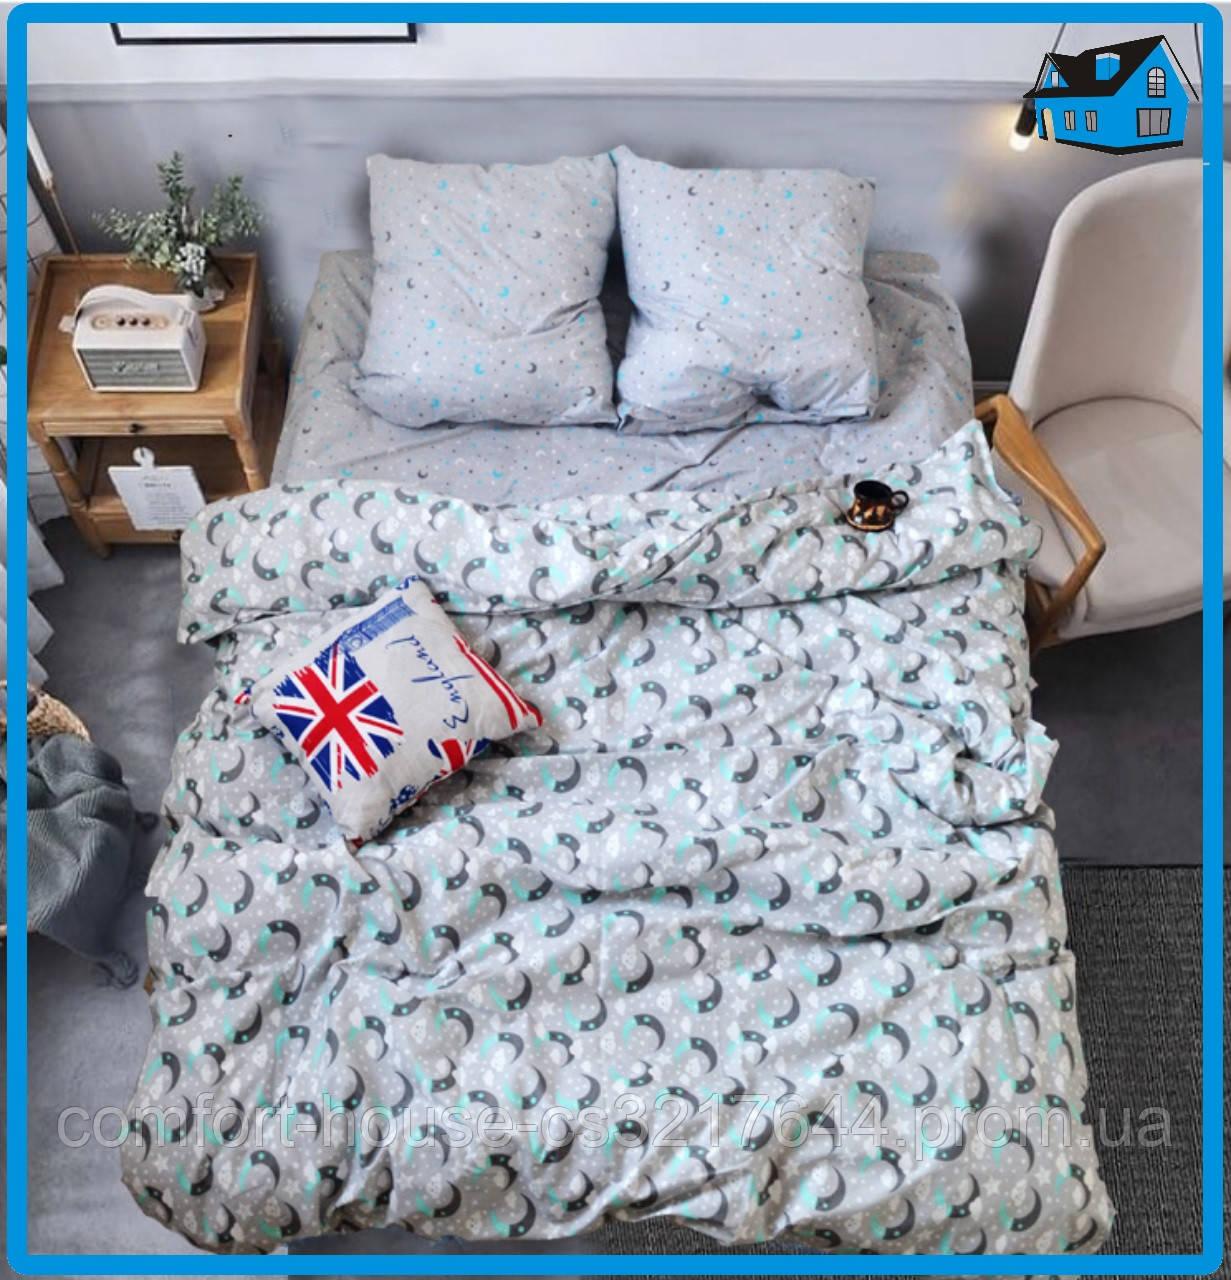 Комплект постельного белья Бязь Голд (2-двуспальный размер)